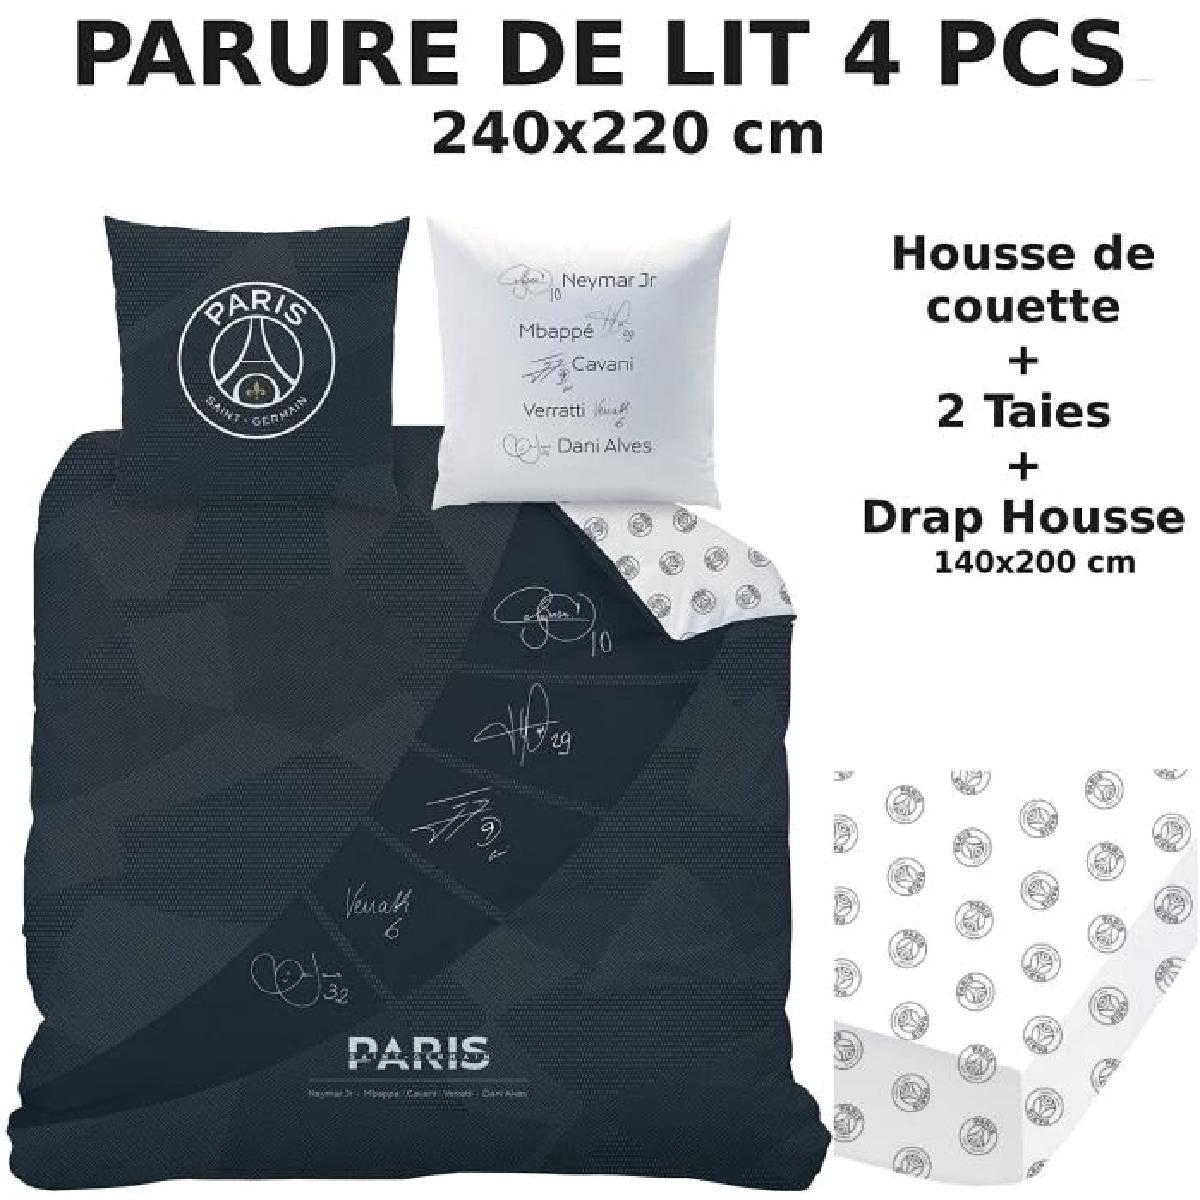 Parure De Lit 4 Pcs Housse De Couette 240x220 2 Taies D Oreiller